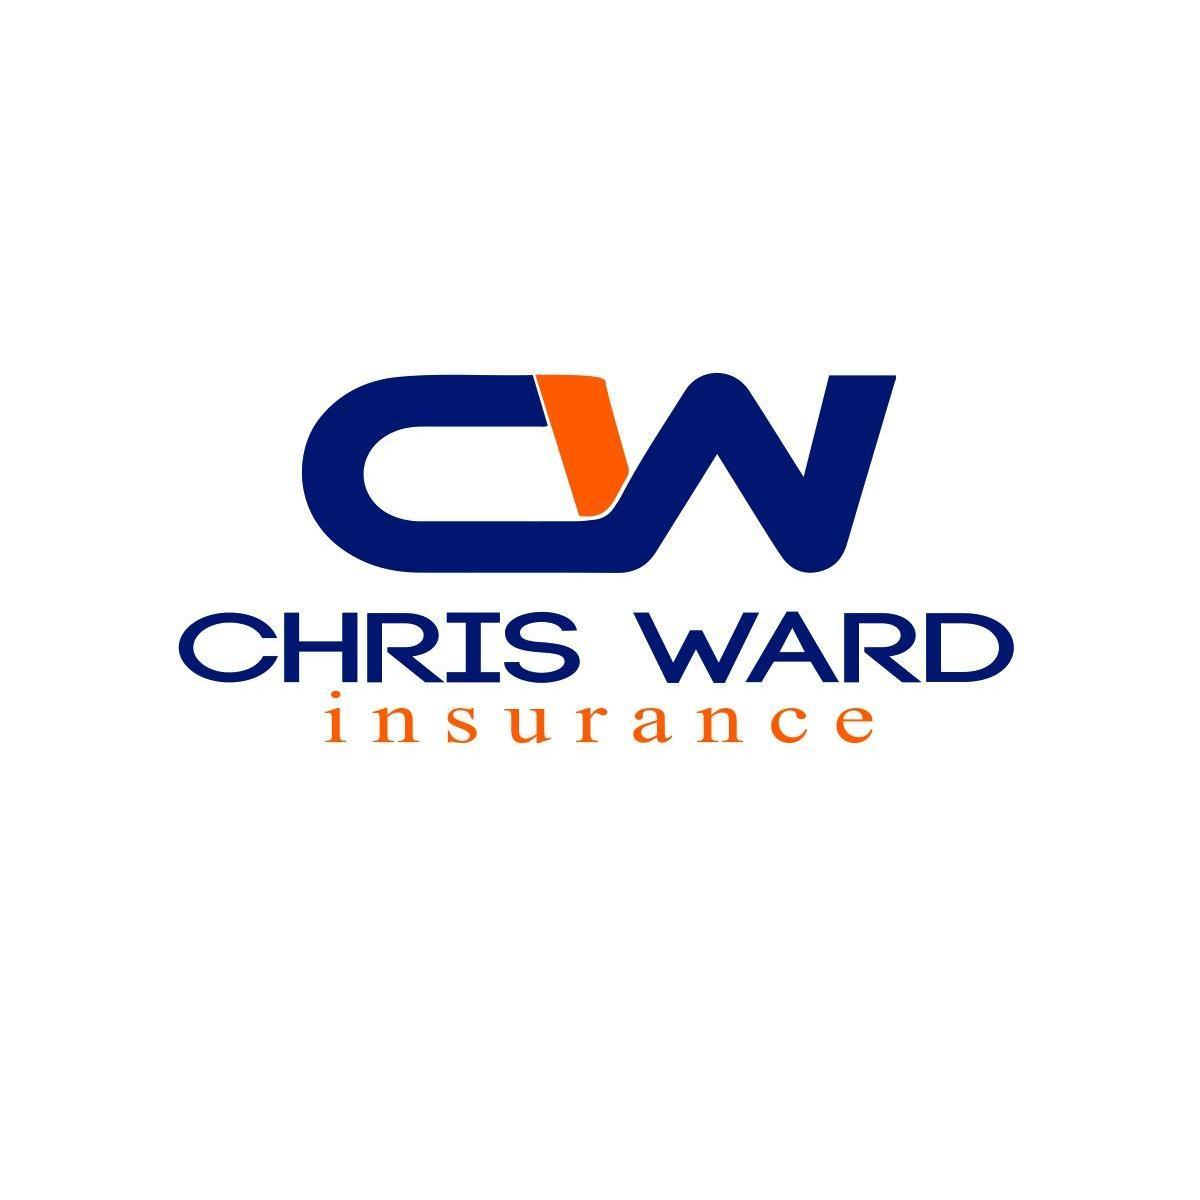 Health Insurance Agency in NC Asheboro 27203 Chris Ward Insurance 928 Sunset Ave, Ste. 300  (336)629-5548